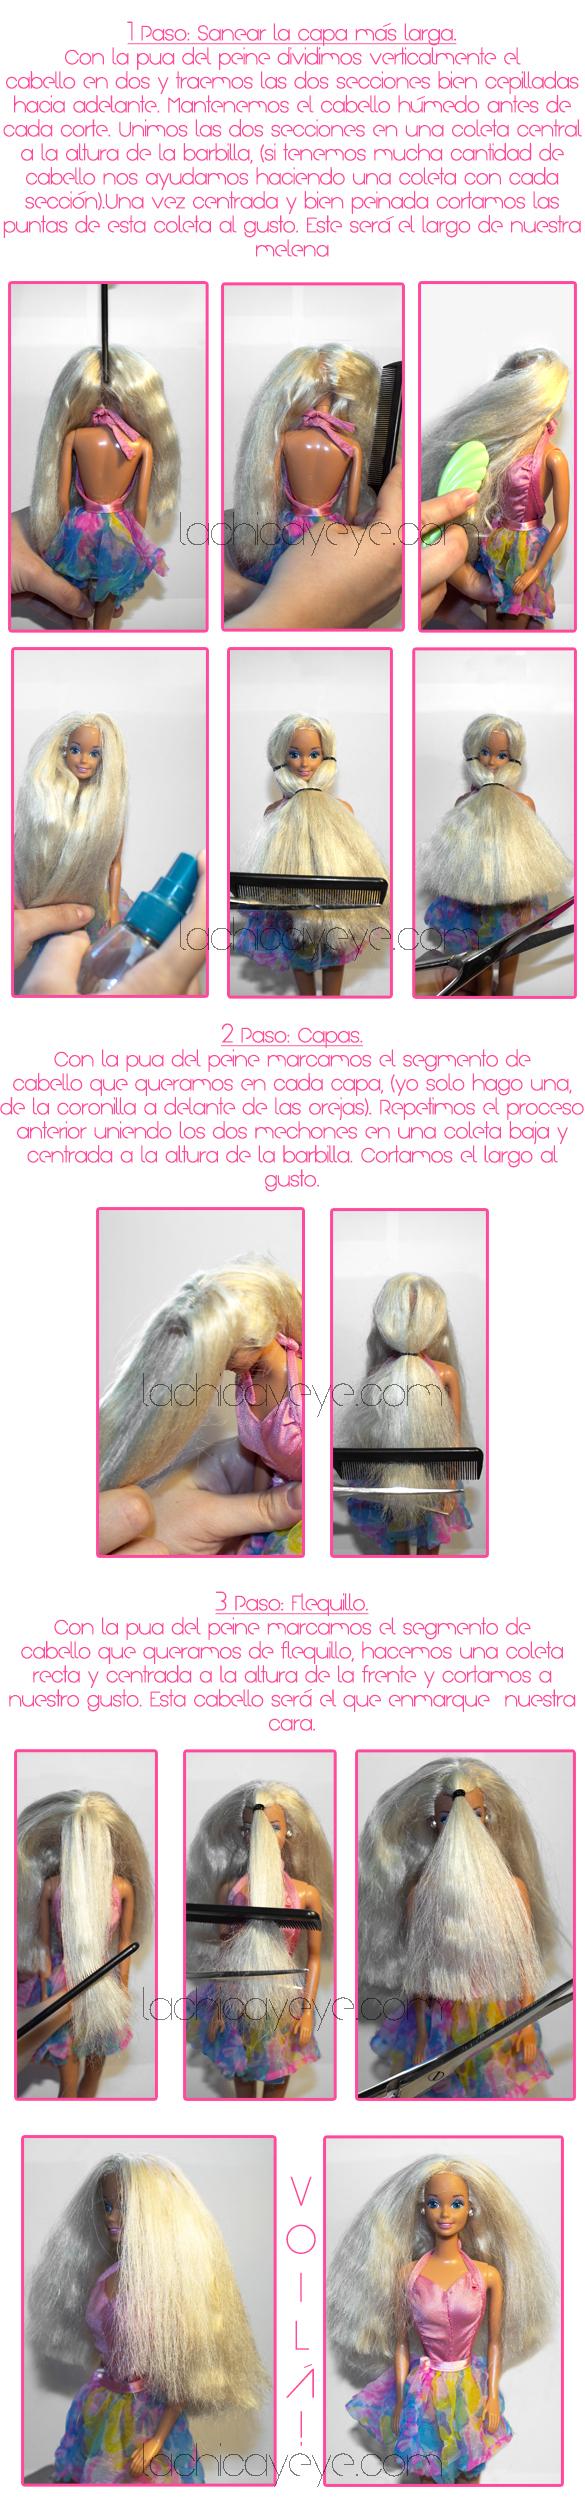 como sanear el cabello en casa parte II